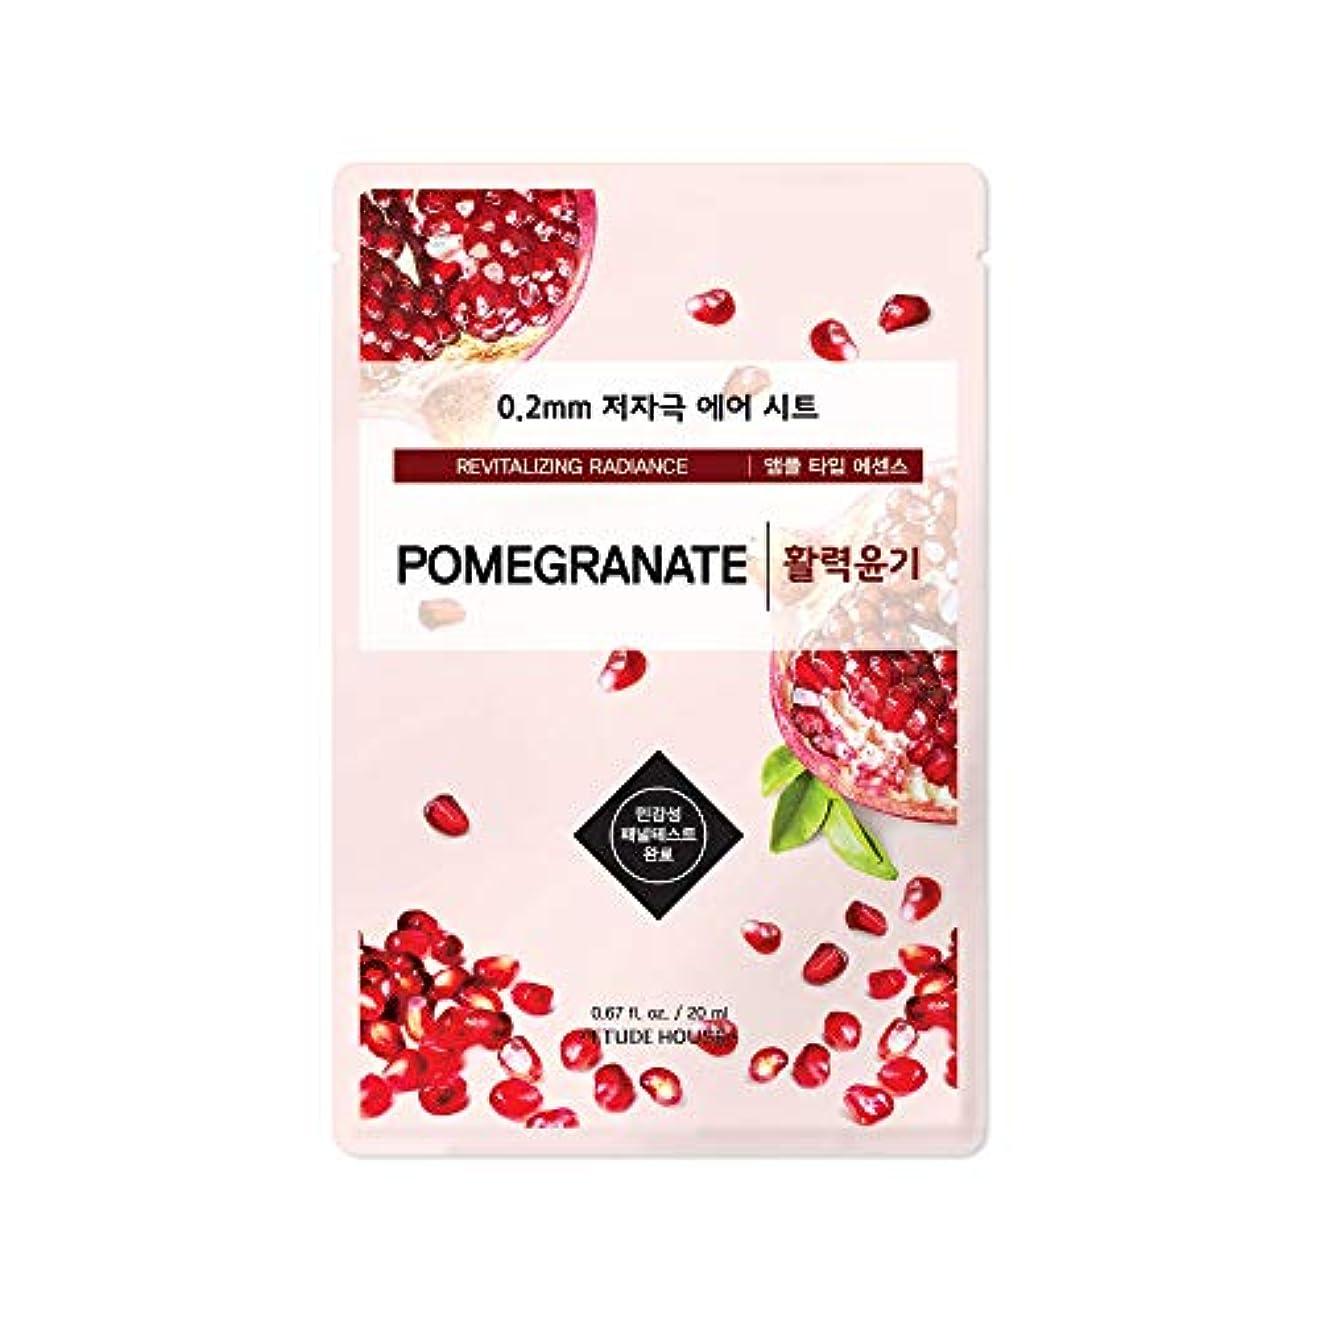 アトミックキリスト残酷ETUDE HOUSE 0.2 Therapy Air Mask 20ml×10ea (#07 Pomegranate)/エチュードハウス 0.2 セラピー エア マスク 20ml×10枚 (#07 Pomegranate)